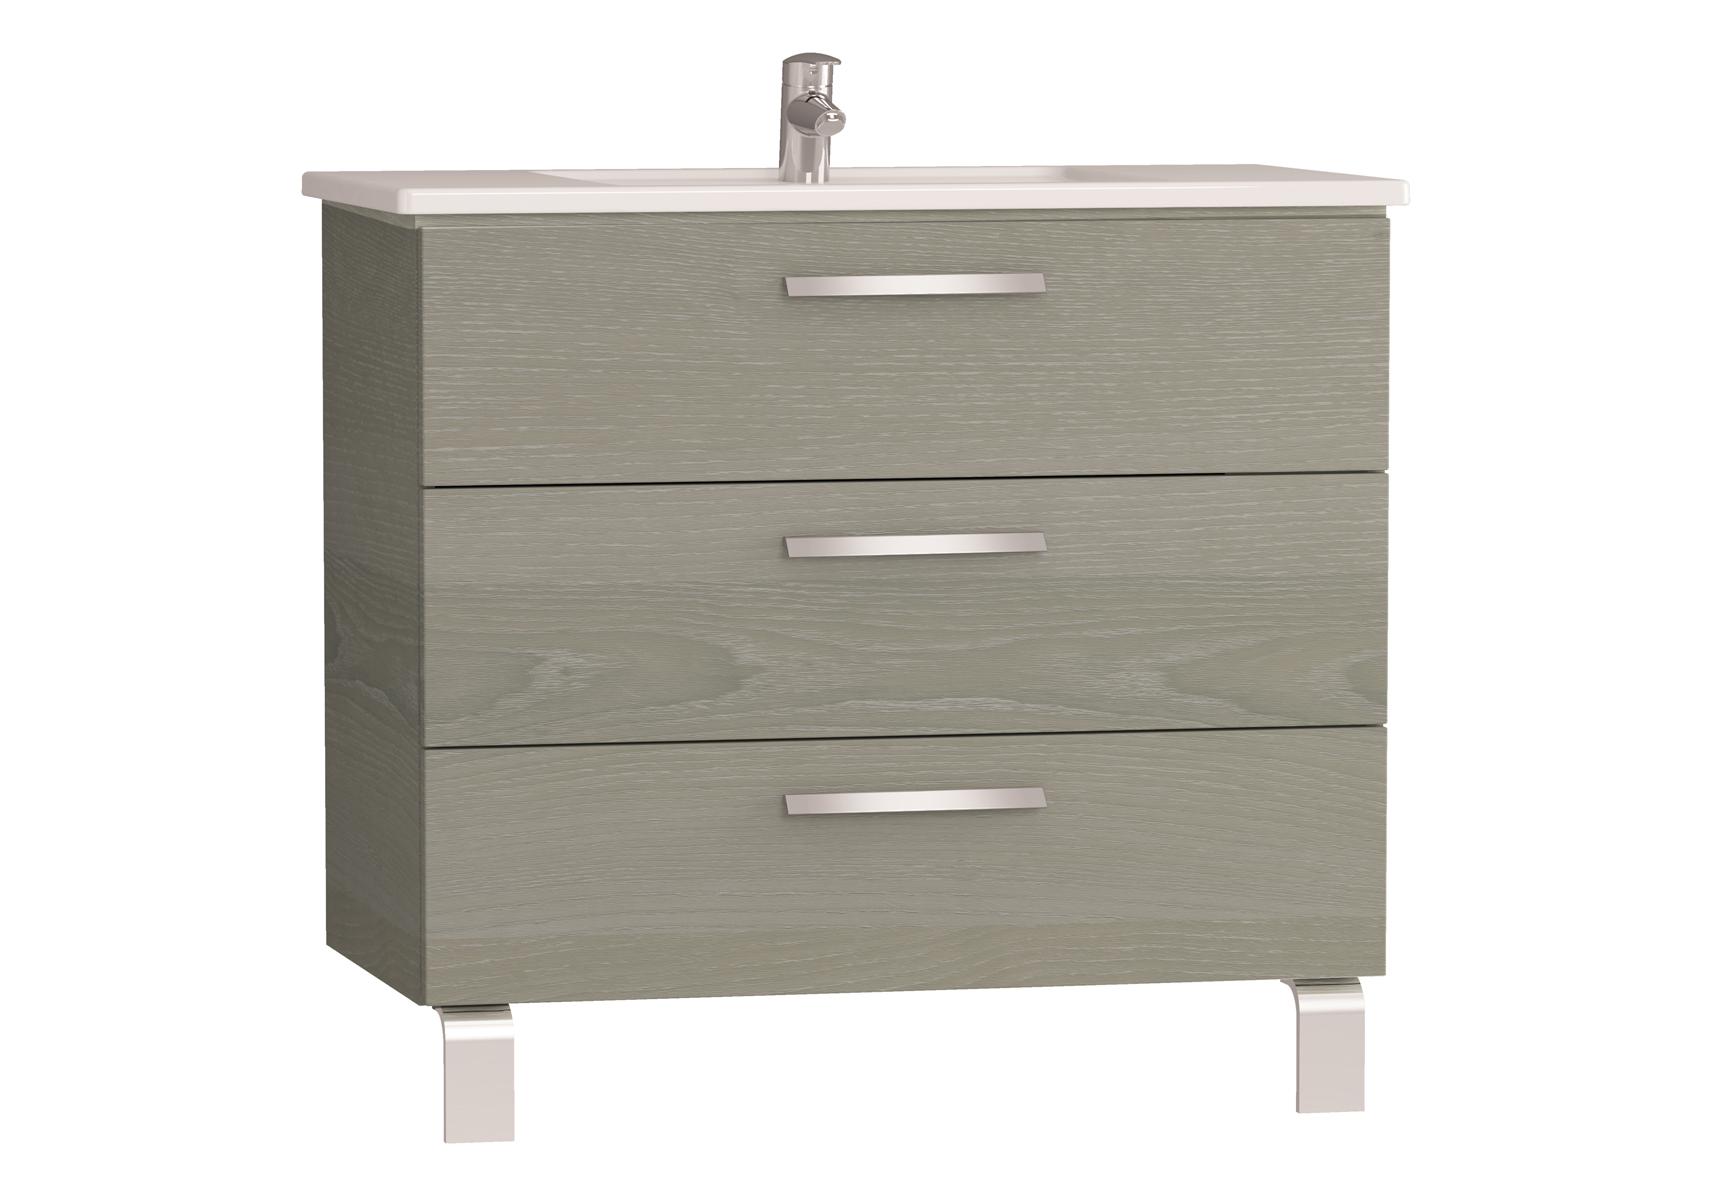 Integra meuble avec plan céramique avec trois tiroirs, 90 cm, chêne gris naturel